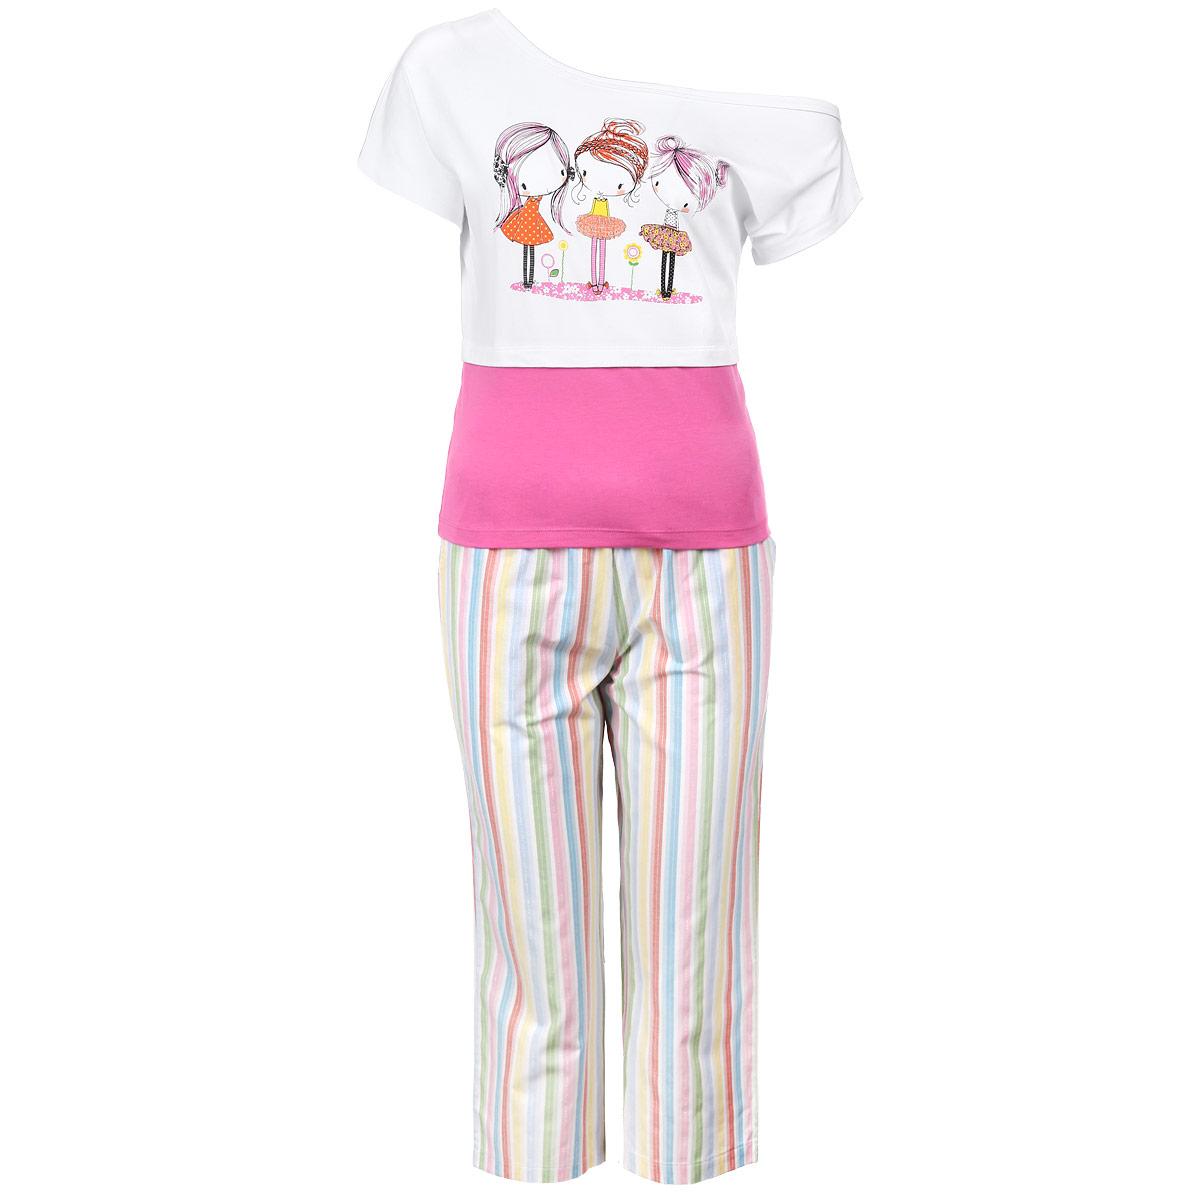 Пижама женская. 62606260Стильная и удобная женская пижама Milana Style состоит из футболки и брюк. Пижама изготовлена из приятного на ощупь хлопкового материала. Футболка и брюки не сковывают движения и позволяют коже дышать. Футболка свободного кроя с асимметричным вырезом горловины и спущенным на одно плечо рукавом, на груди оформлена принтом с изображением трех очаровательных девочек. Укороченные свободные брюки прямого кроя на широкой эластичной резинке оформлены полосатым принтом. На талии предусмотрен затягивающийся шнурок. Модель также имеет боковые карманы с косыми срезами. Идеальные конструкции и приятное цветовое решение - отличный выбор на каждый день. В такой пижаме вам будет максимально комфортно и уютно.